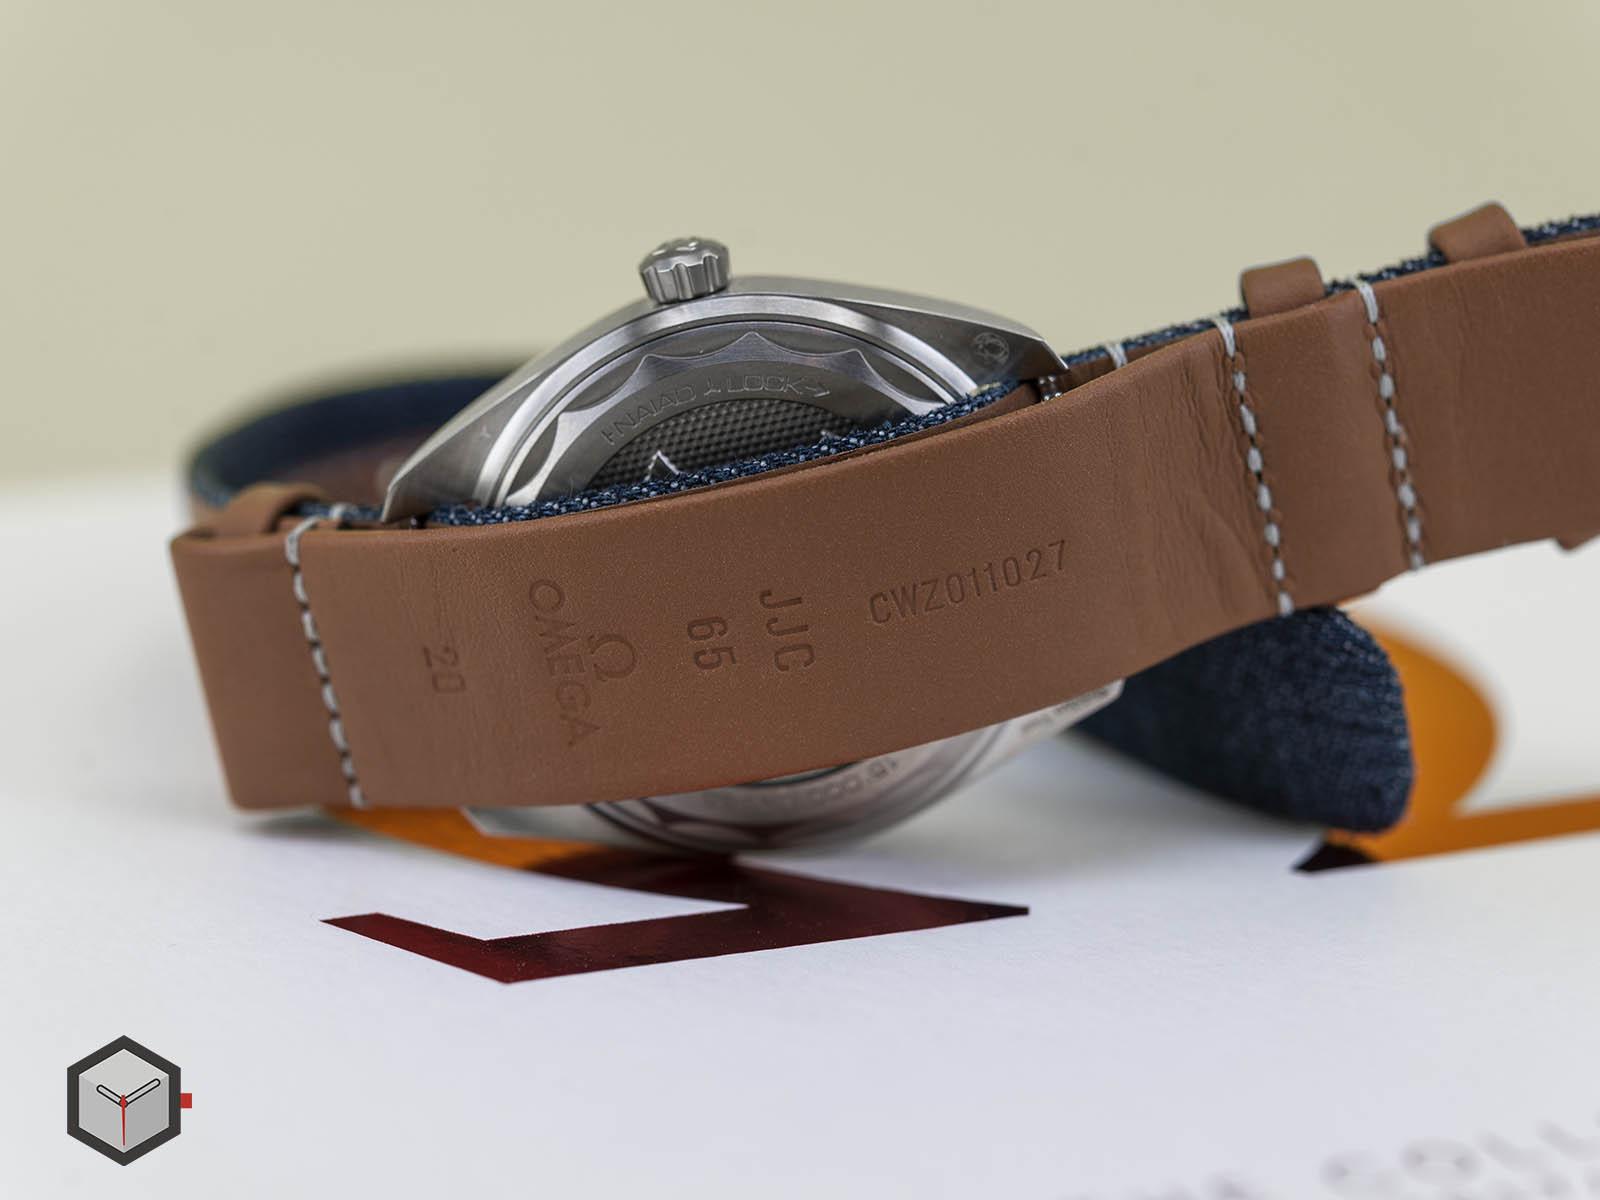 220-12-40-20-03-001-omega-railmaster-co-axial-master-chronometer-denim-8.jpg